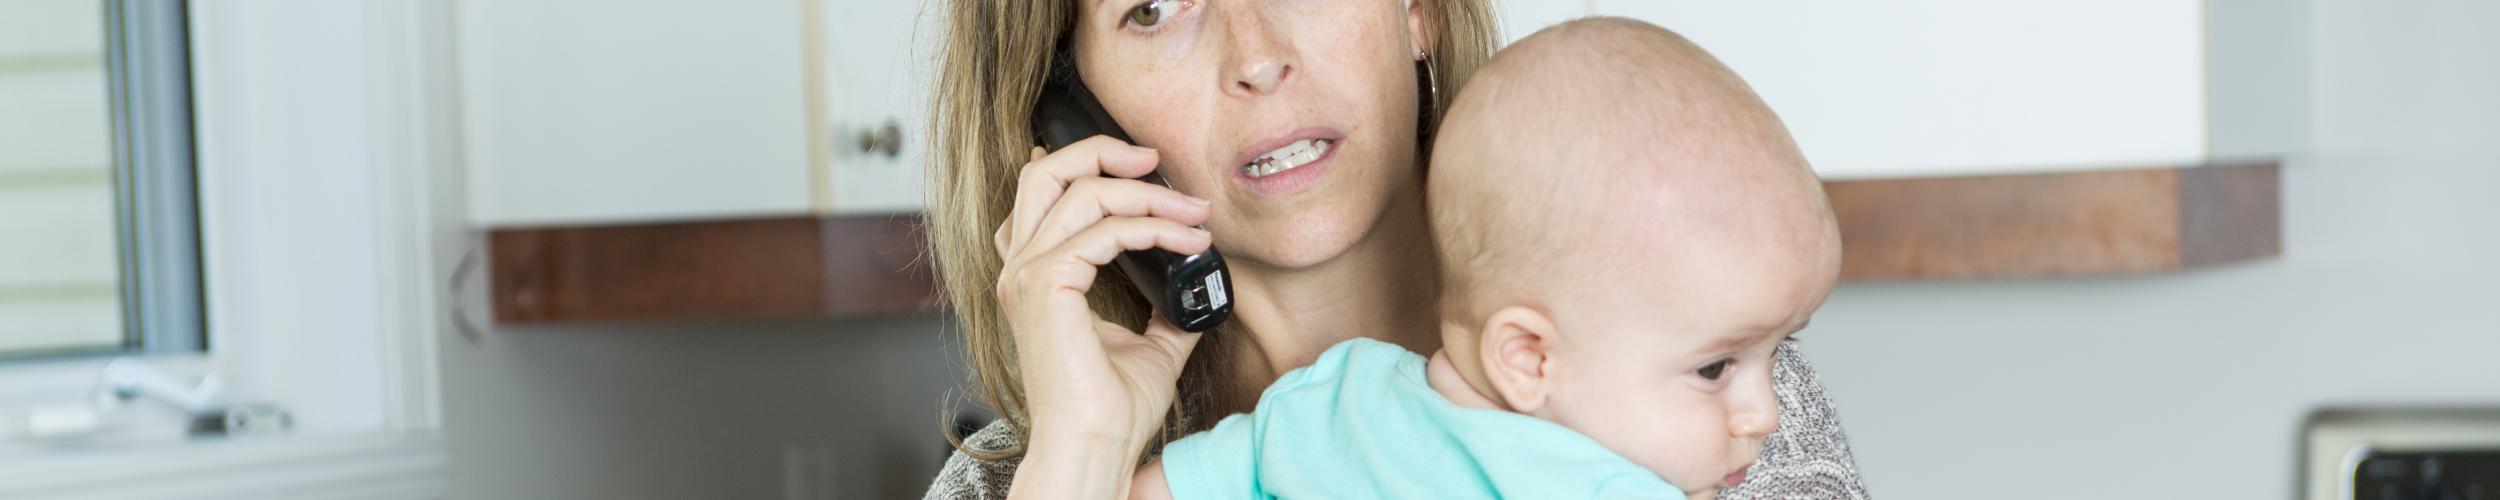 Ik krijg het onderhoudsgeld niet voor mijn kind